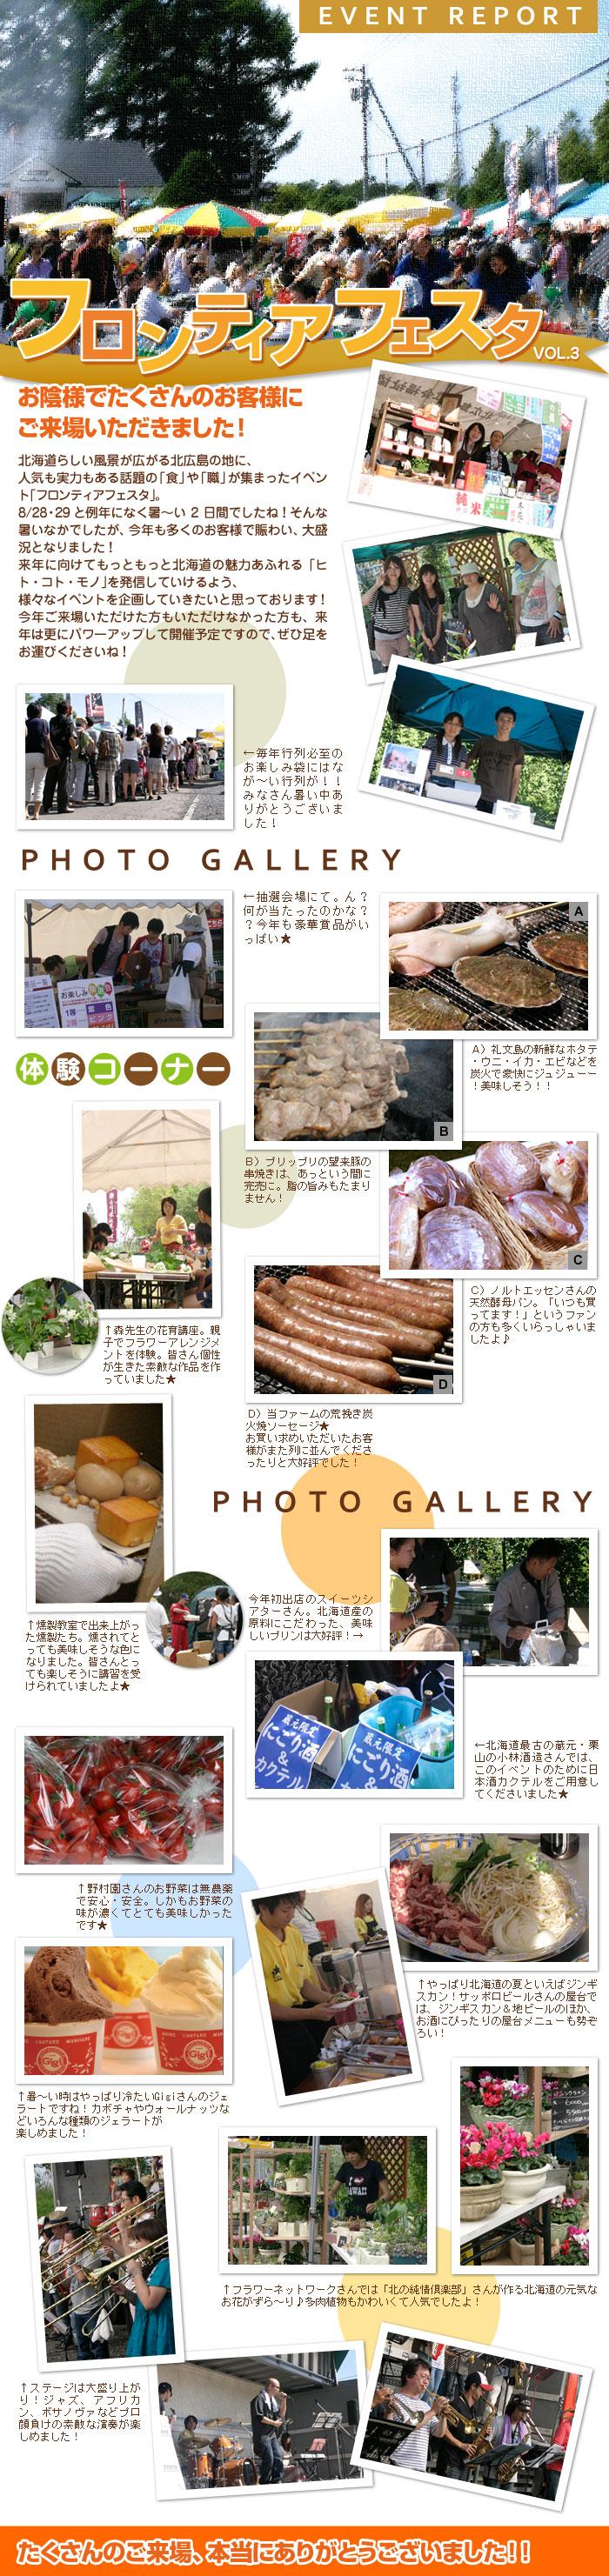 2010年イベントレポート!